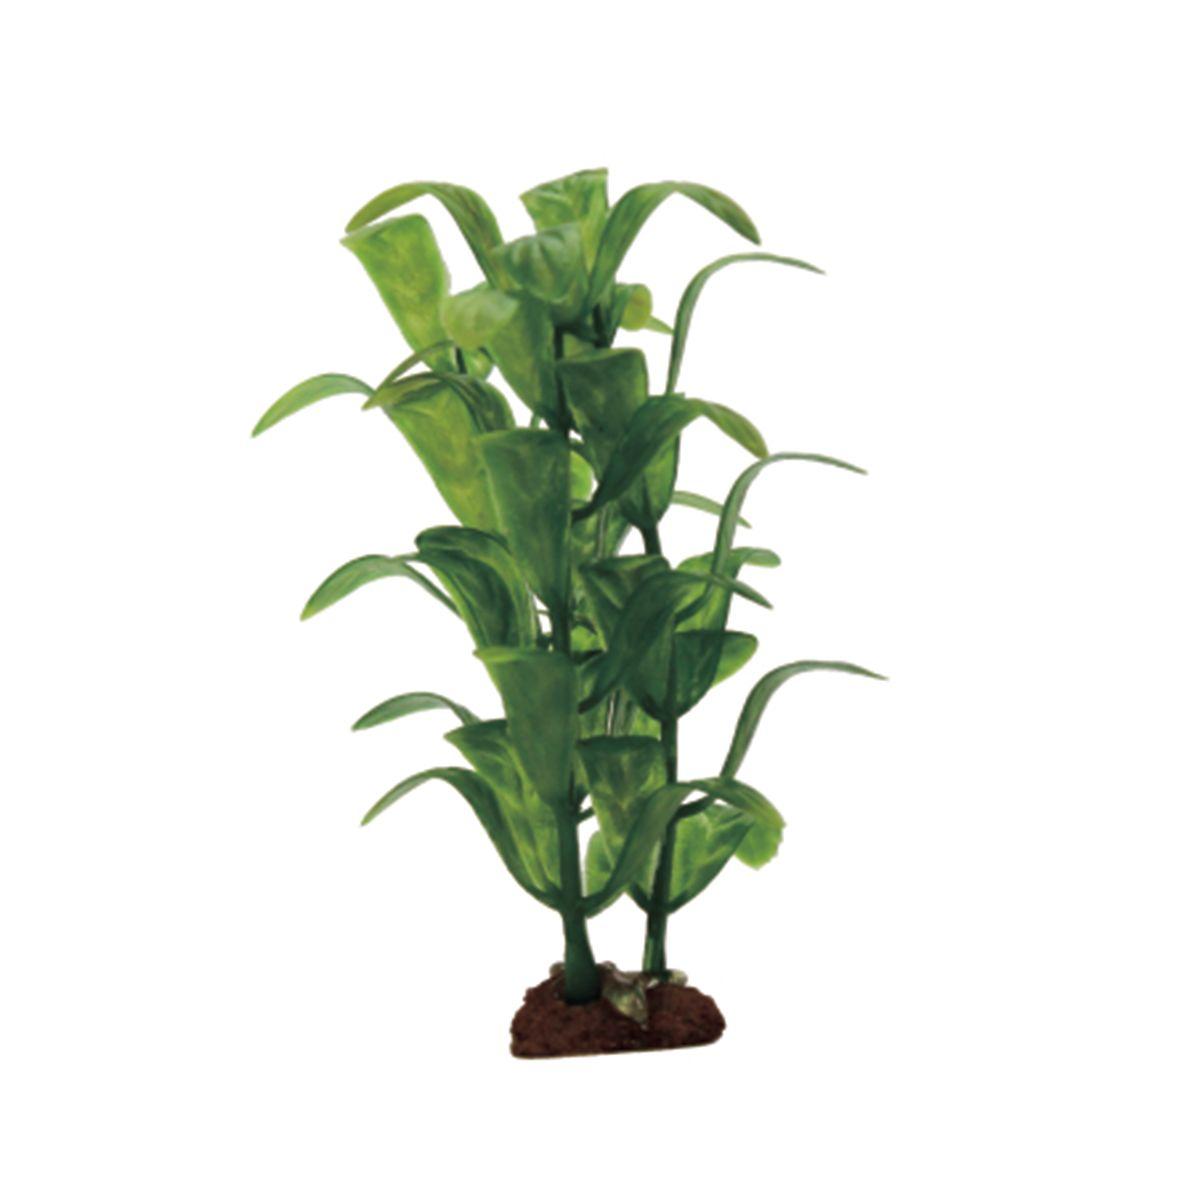 Растение для аквариума ArtUniq Стаурогин, высота 10 см, 6 шт0120710Растение для аквариума ArtUniq Стаурогин, высота 10 см, 6 шт